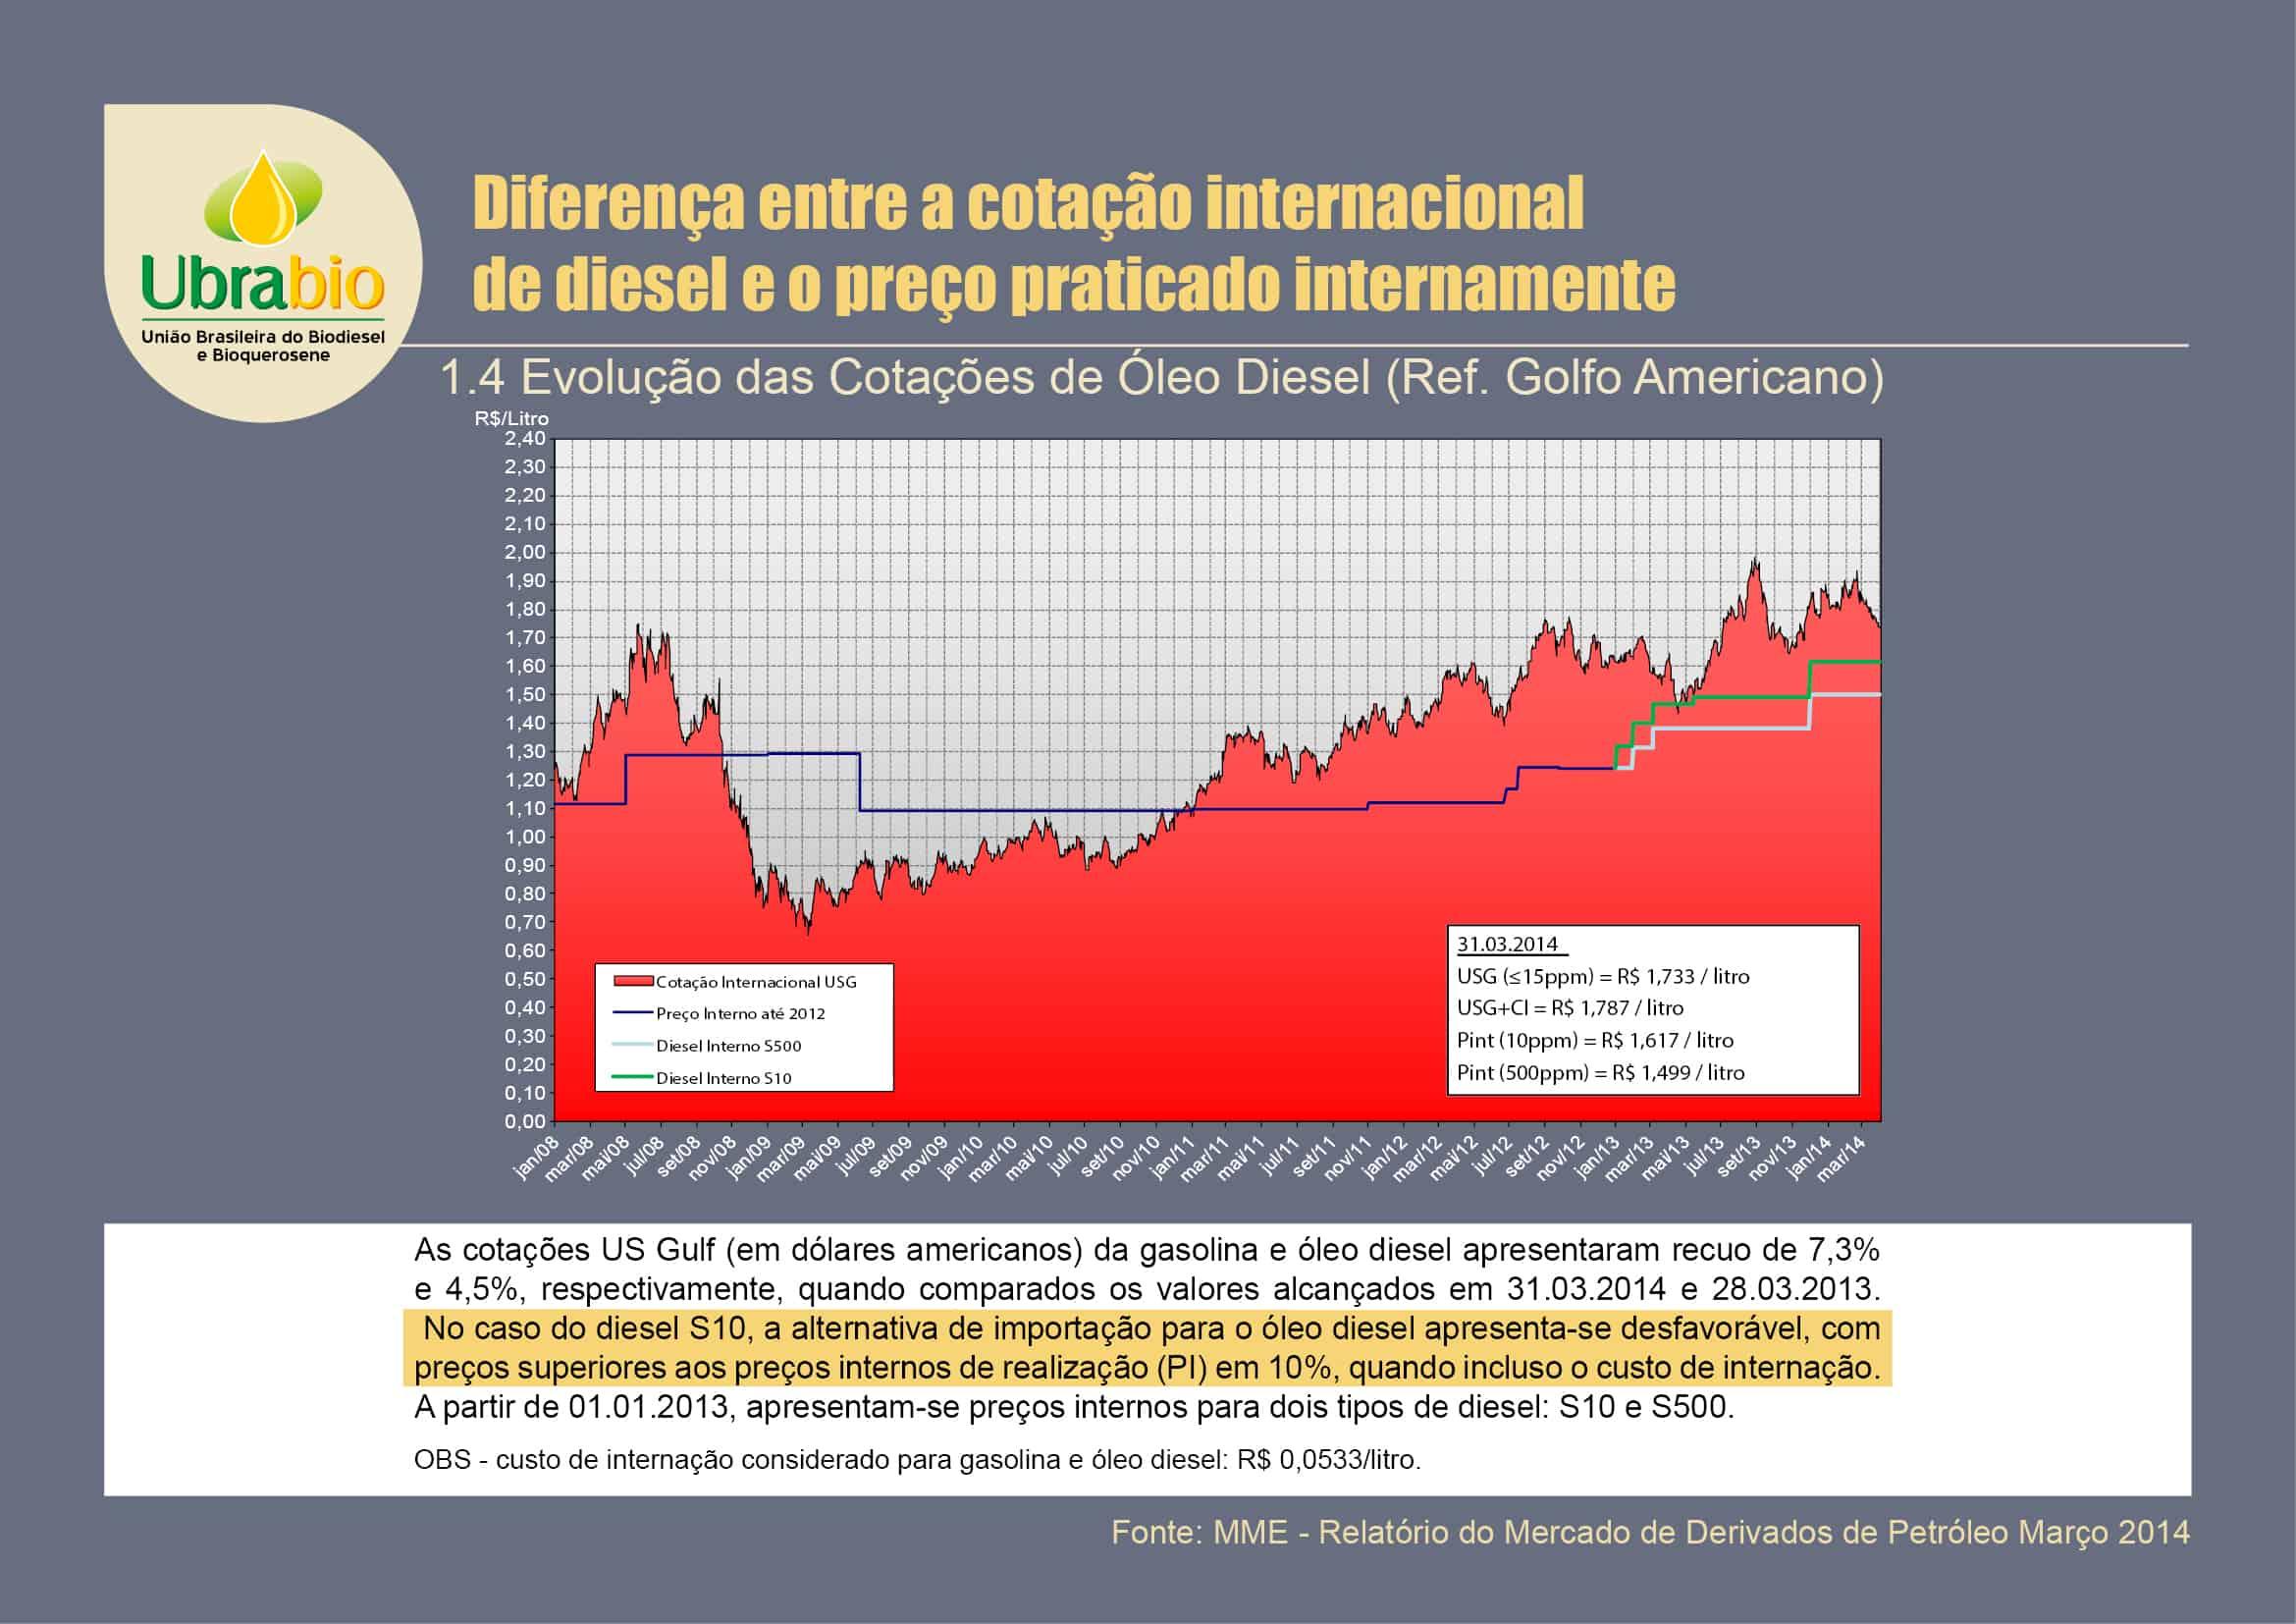 Diferença entre a Cotação internacional do diesel e preço internacionalmente